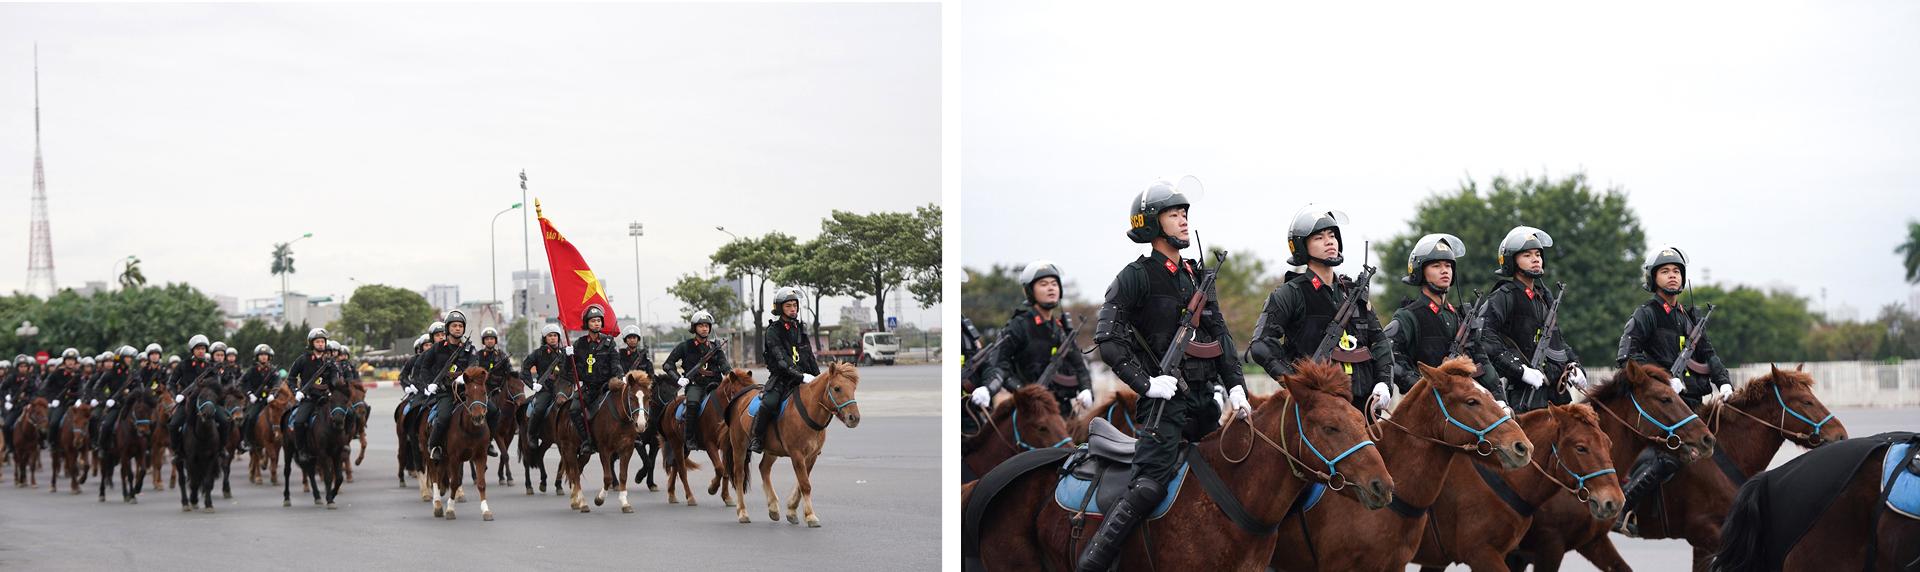 Các lực lượng tổng duyệt phương án bảo vệ Đại hội Đảng lần thứ XIII ảnh 7